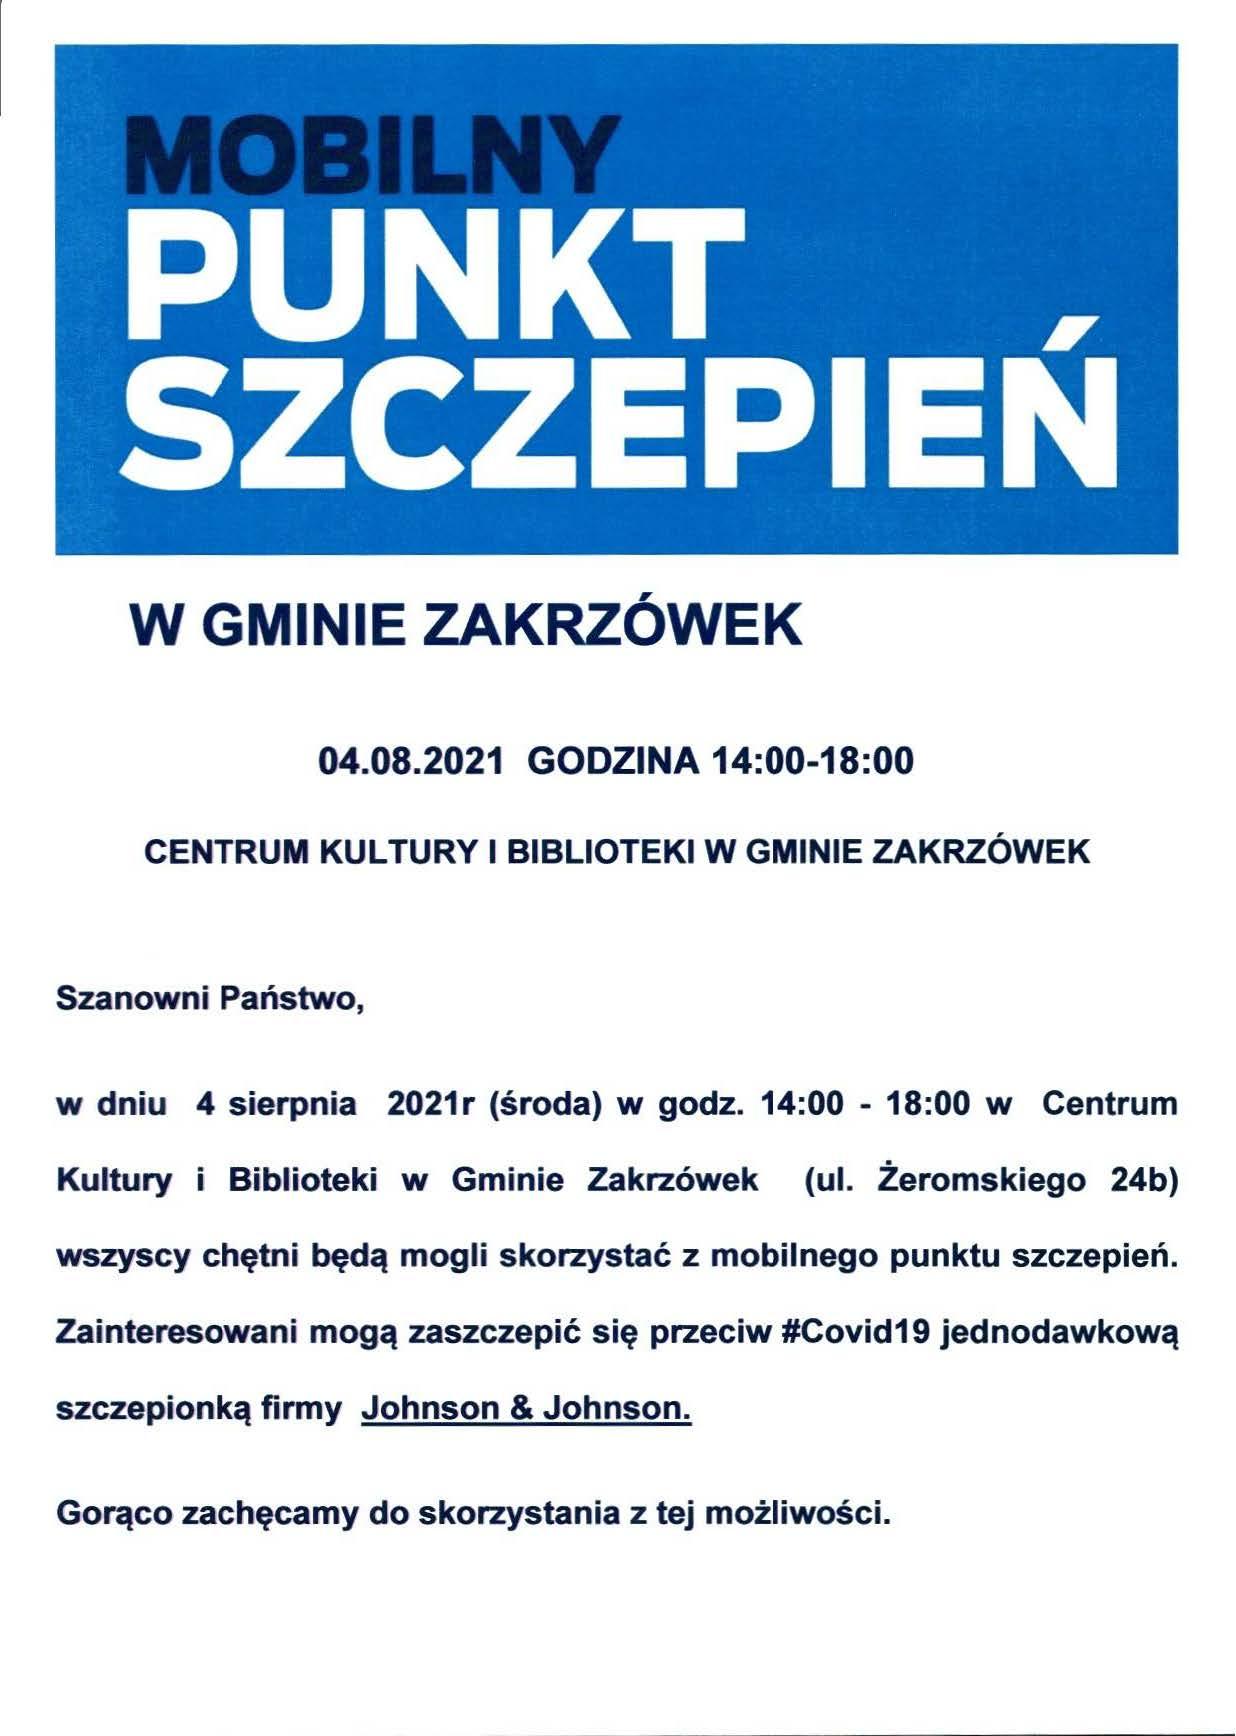 Mobilny Punkt Szczepień 04.08.2021 r.